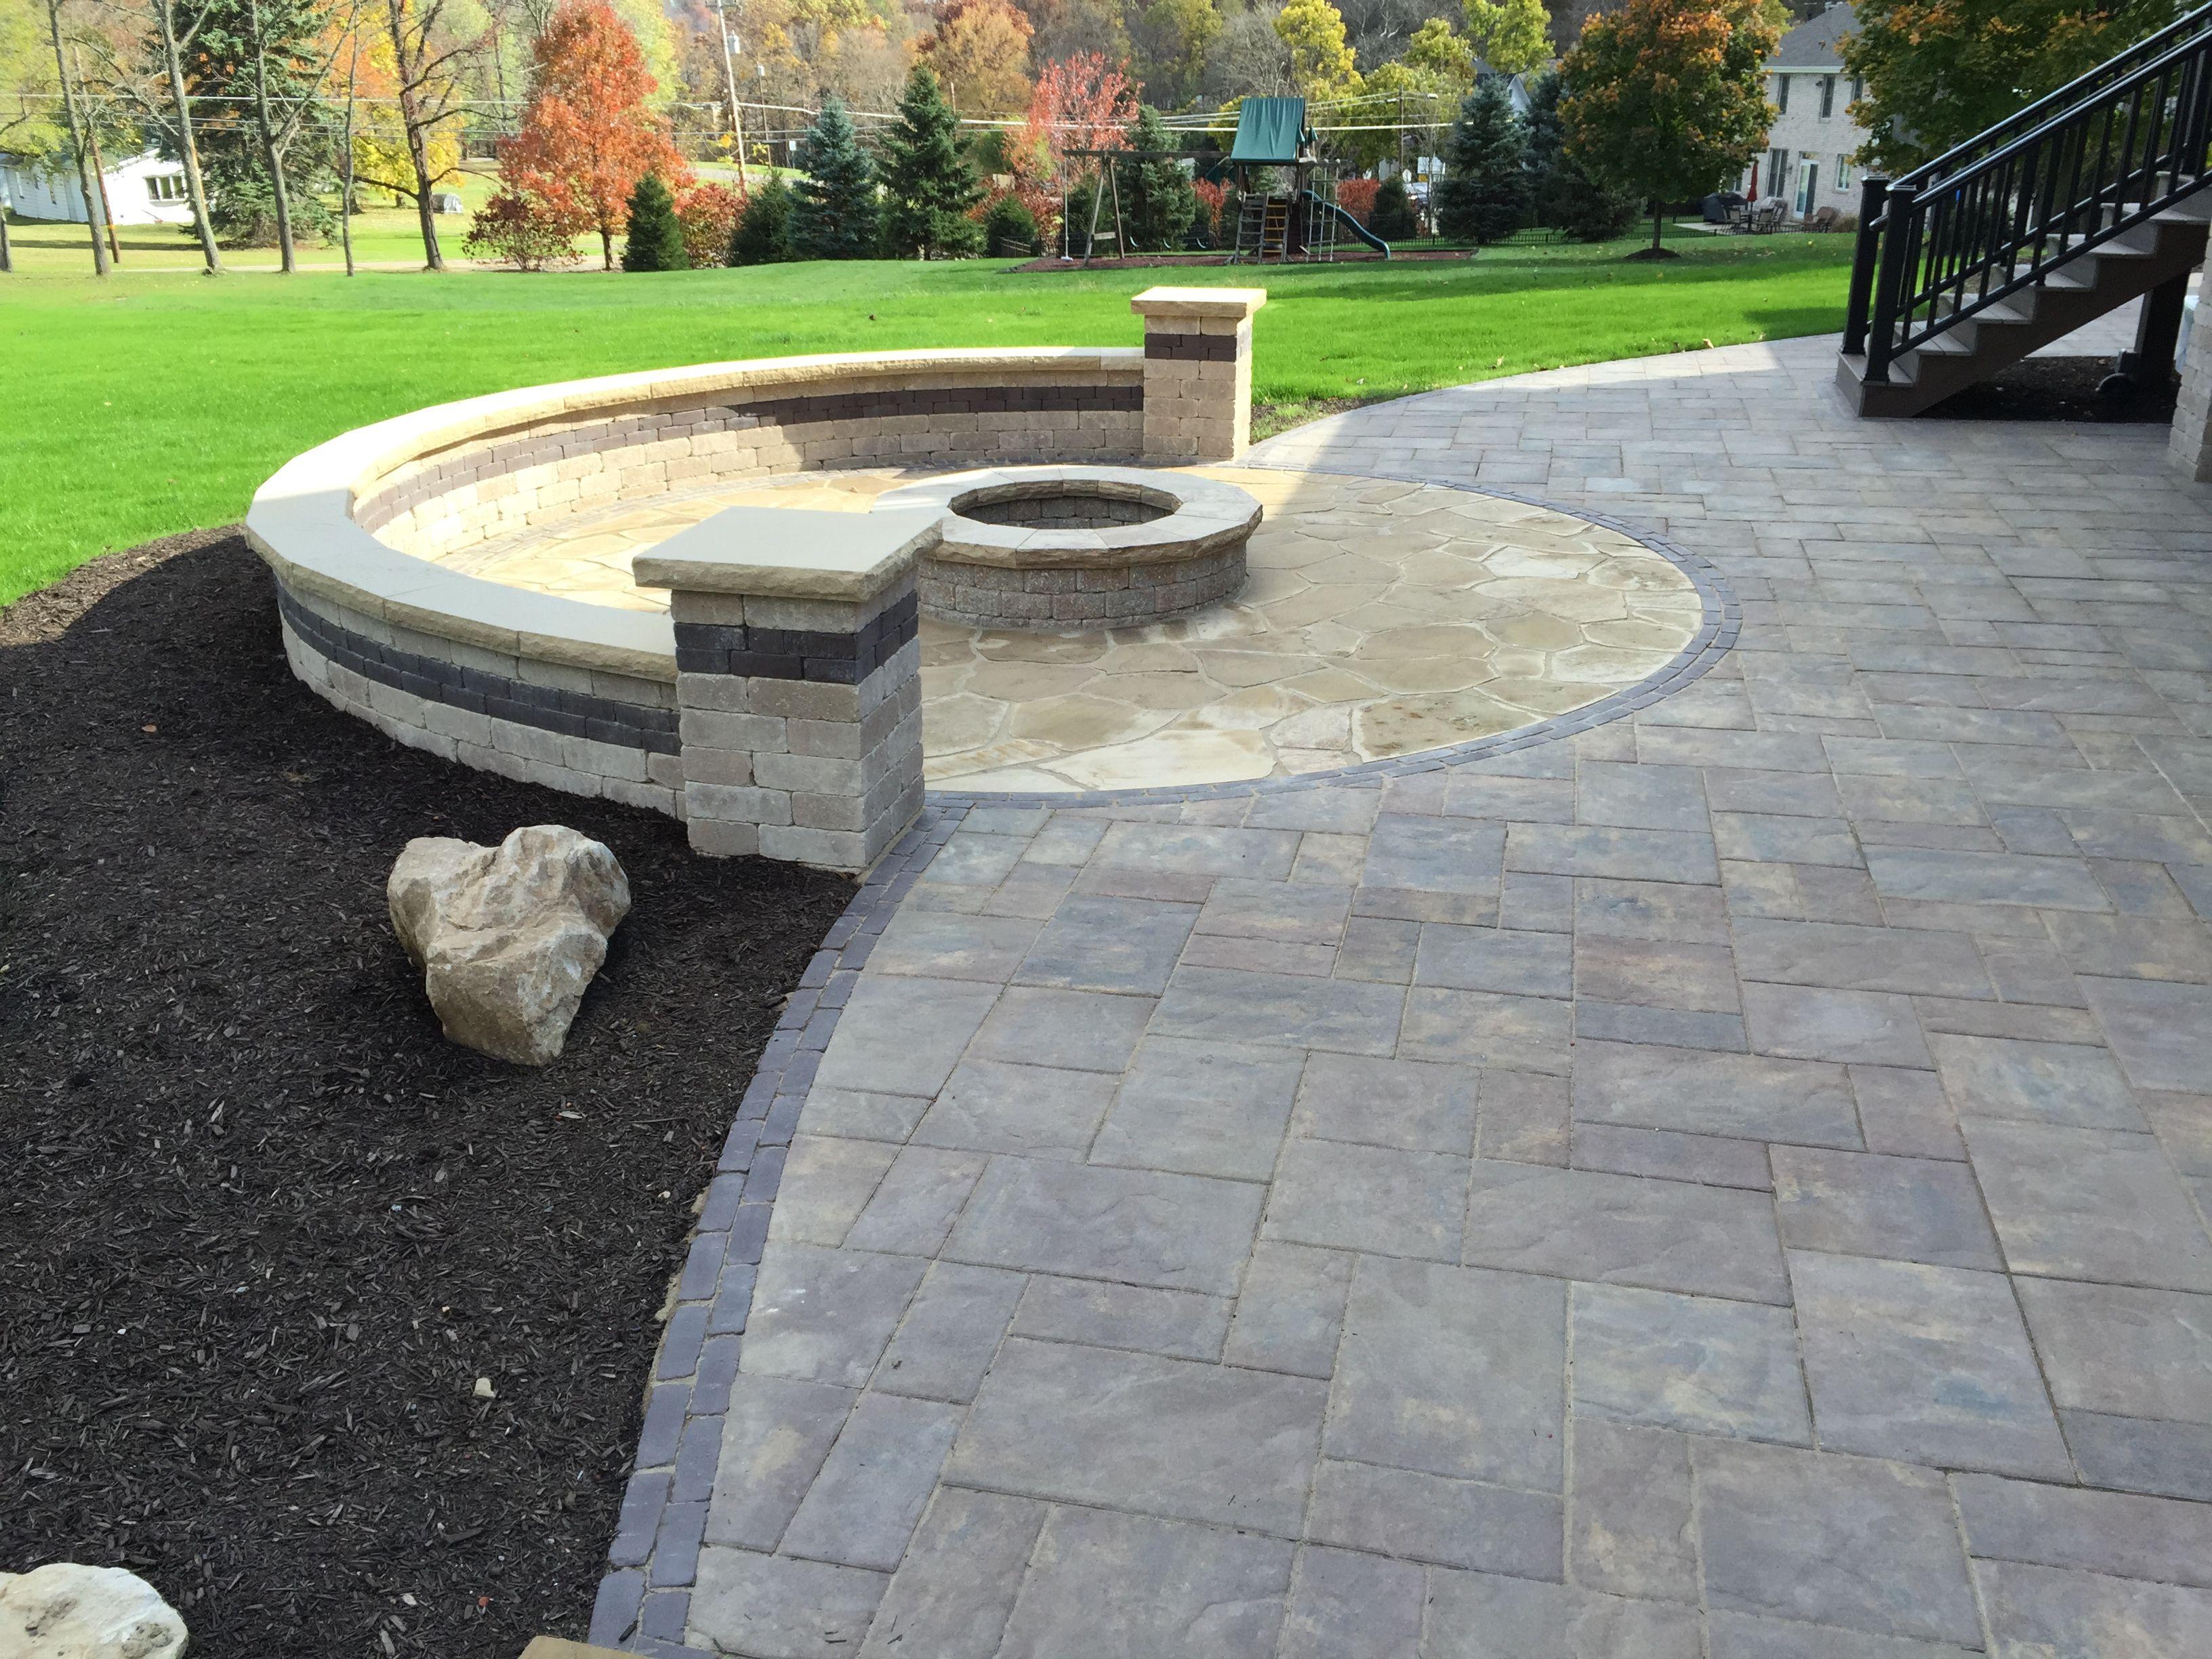 Unilock patio and fire pit | Patio, Dream backyard, Backyard on Unilock Patio Ideas id=28639